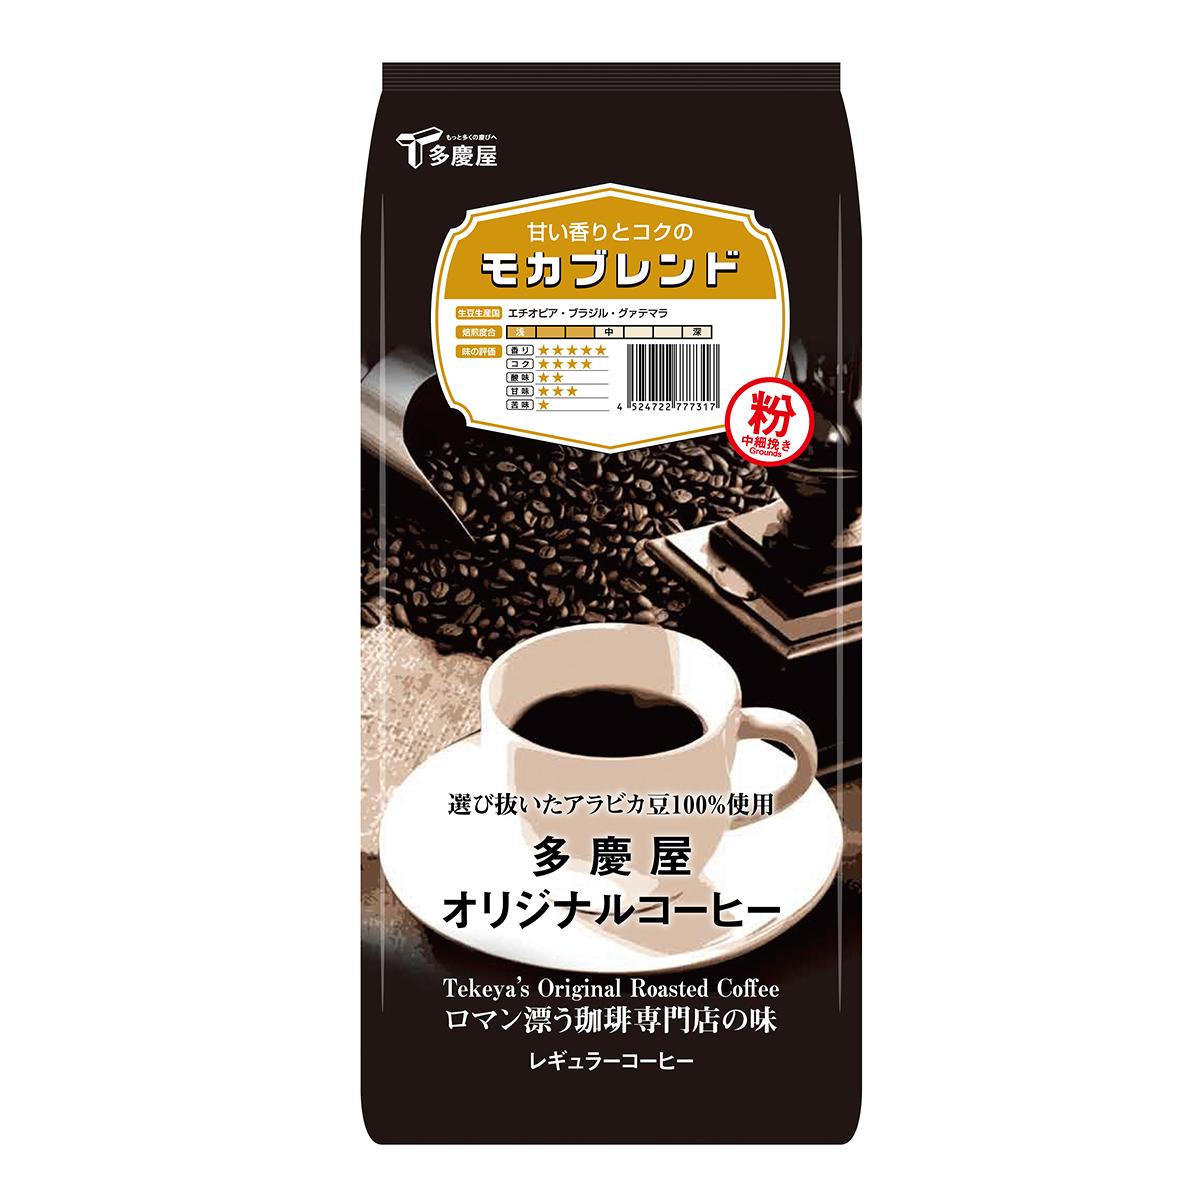 モカブレンド  粉 400g 多慶屋オリジナルコーヒー コーヒー粉 レギュラーコーヒー